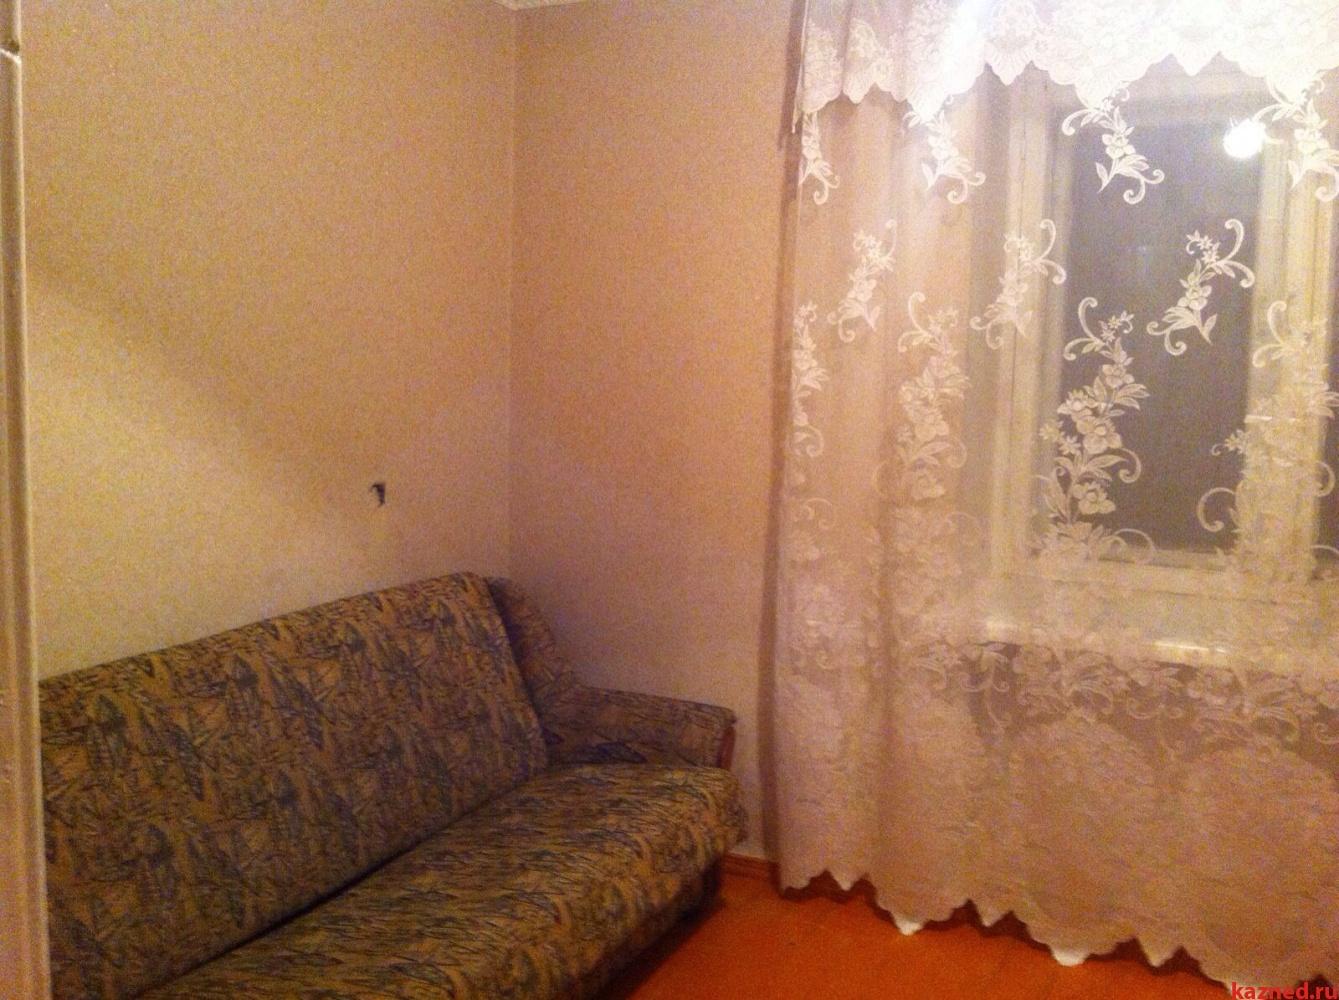 Продажа 1-к квартиры Беломорская ул, 81, 19 м²  (миниатюра №4)